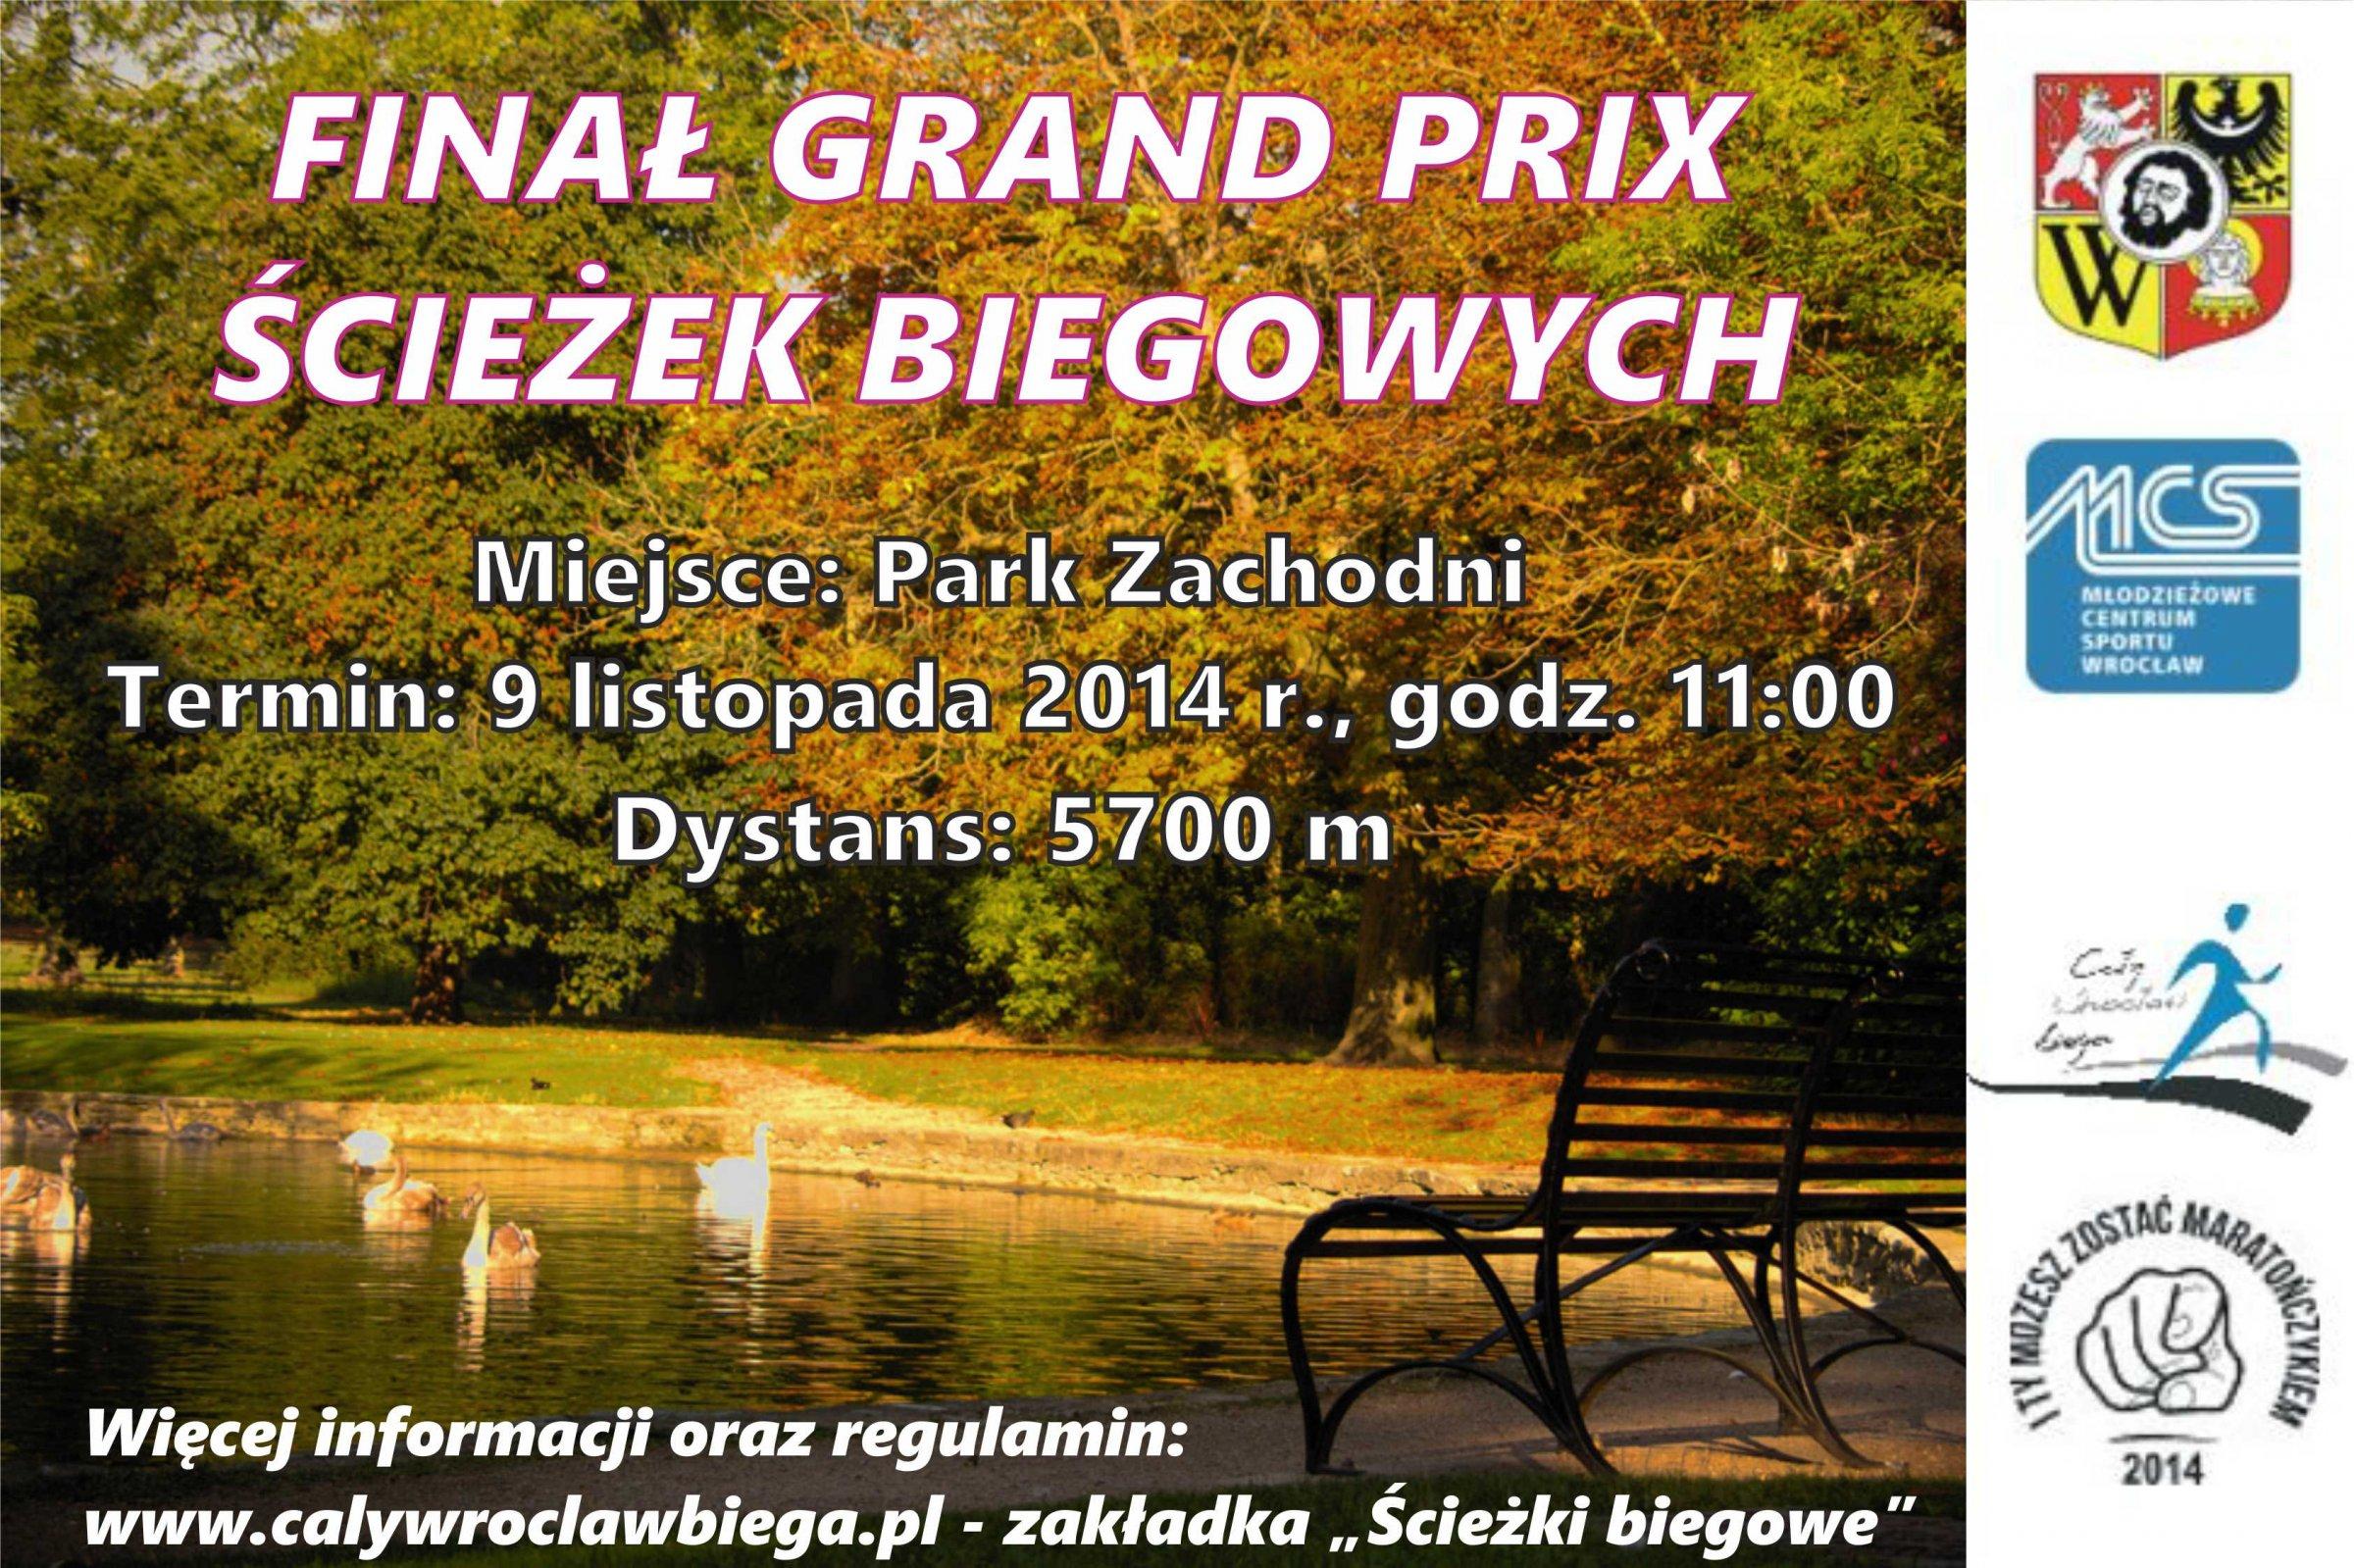 Gran Prix Ścieżek Biegowych we Wrocławiu